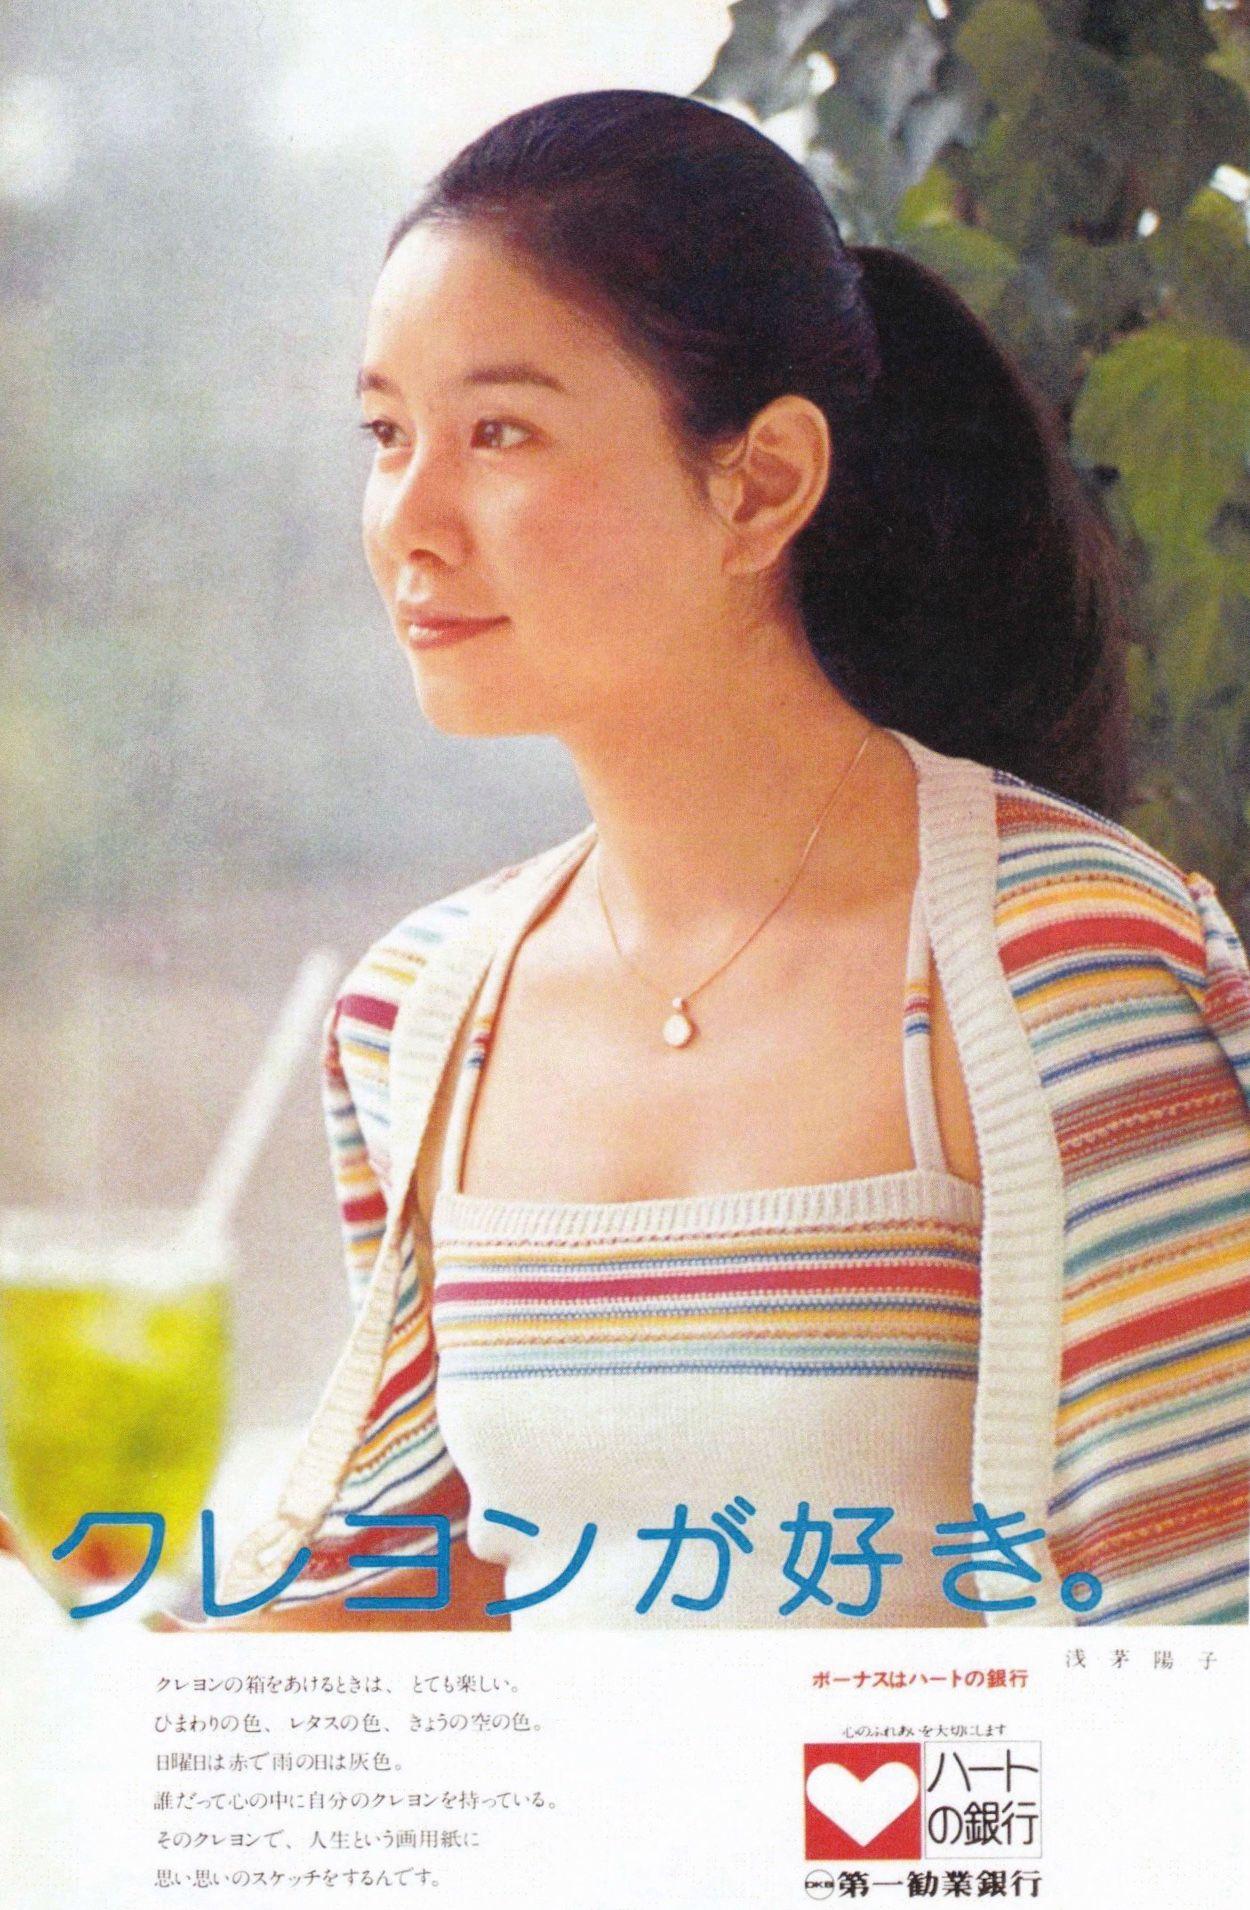 浅茅陽子の画像 - 原寸画像検索